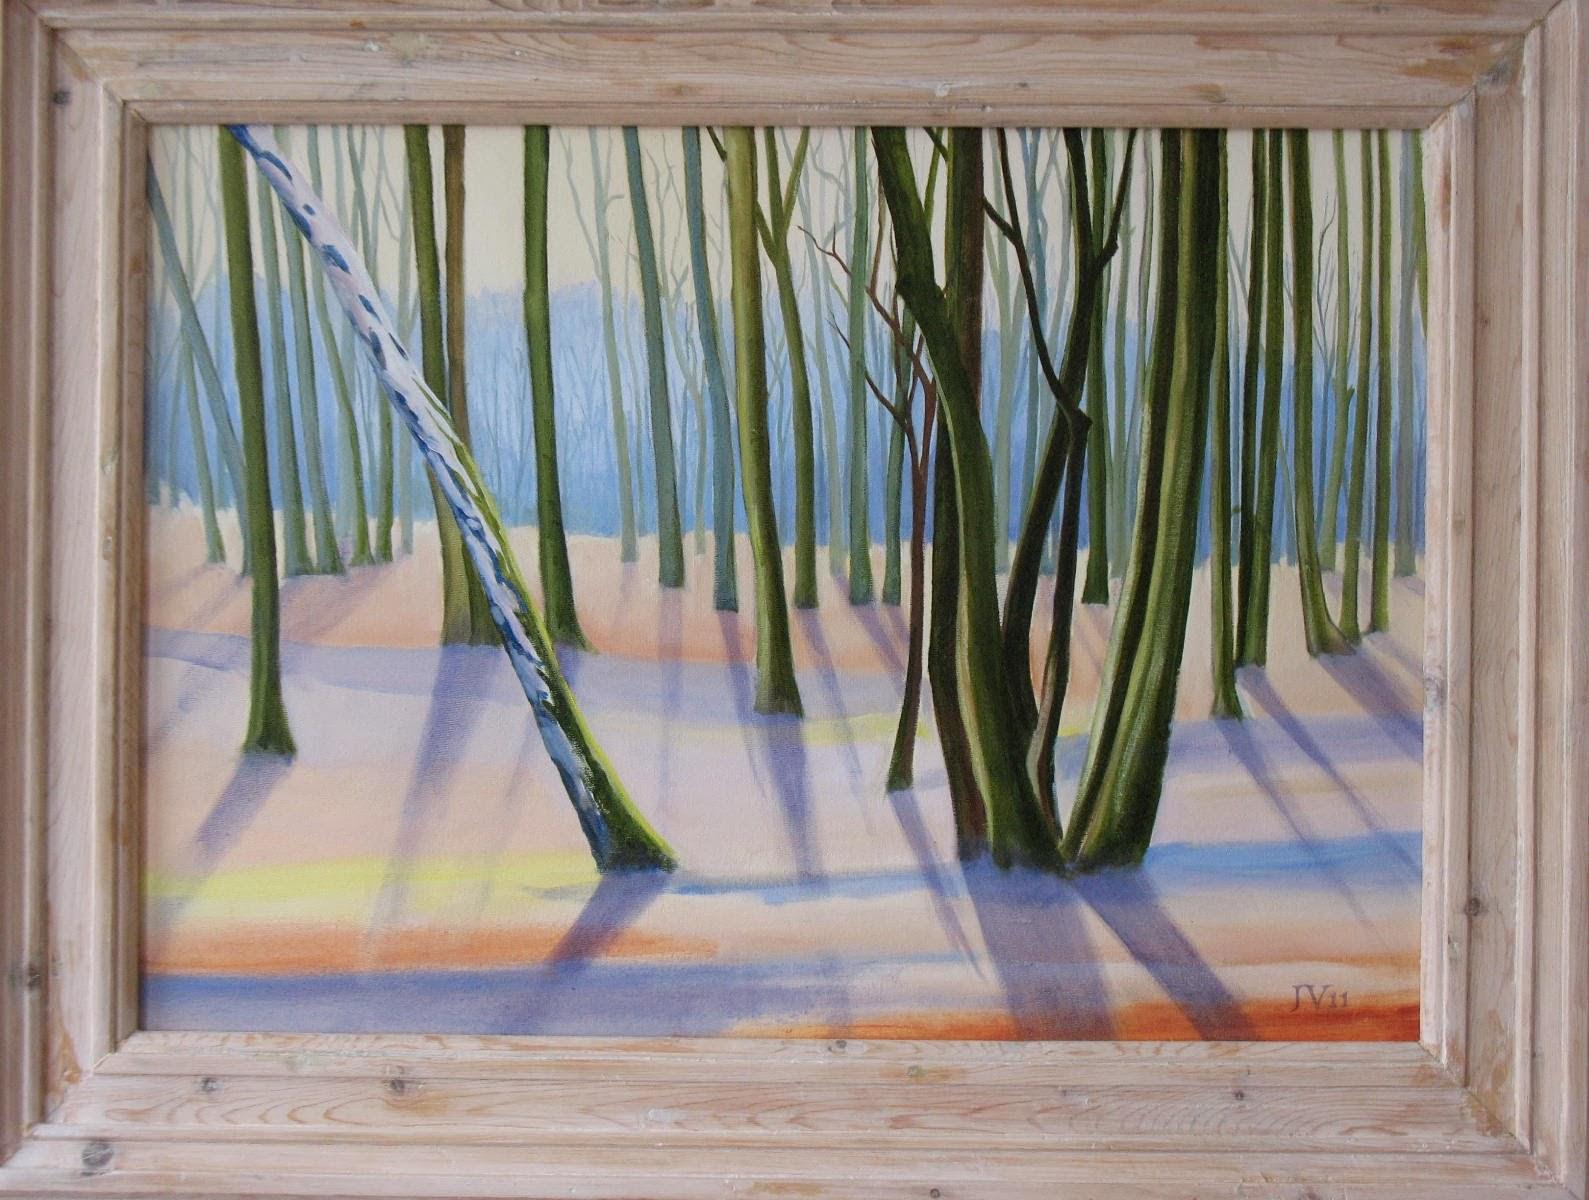 Schilderij (olieverf), blik op Duin en kruidberg